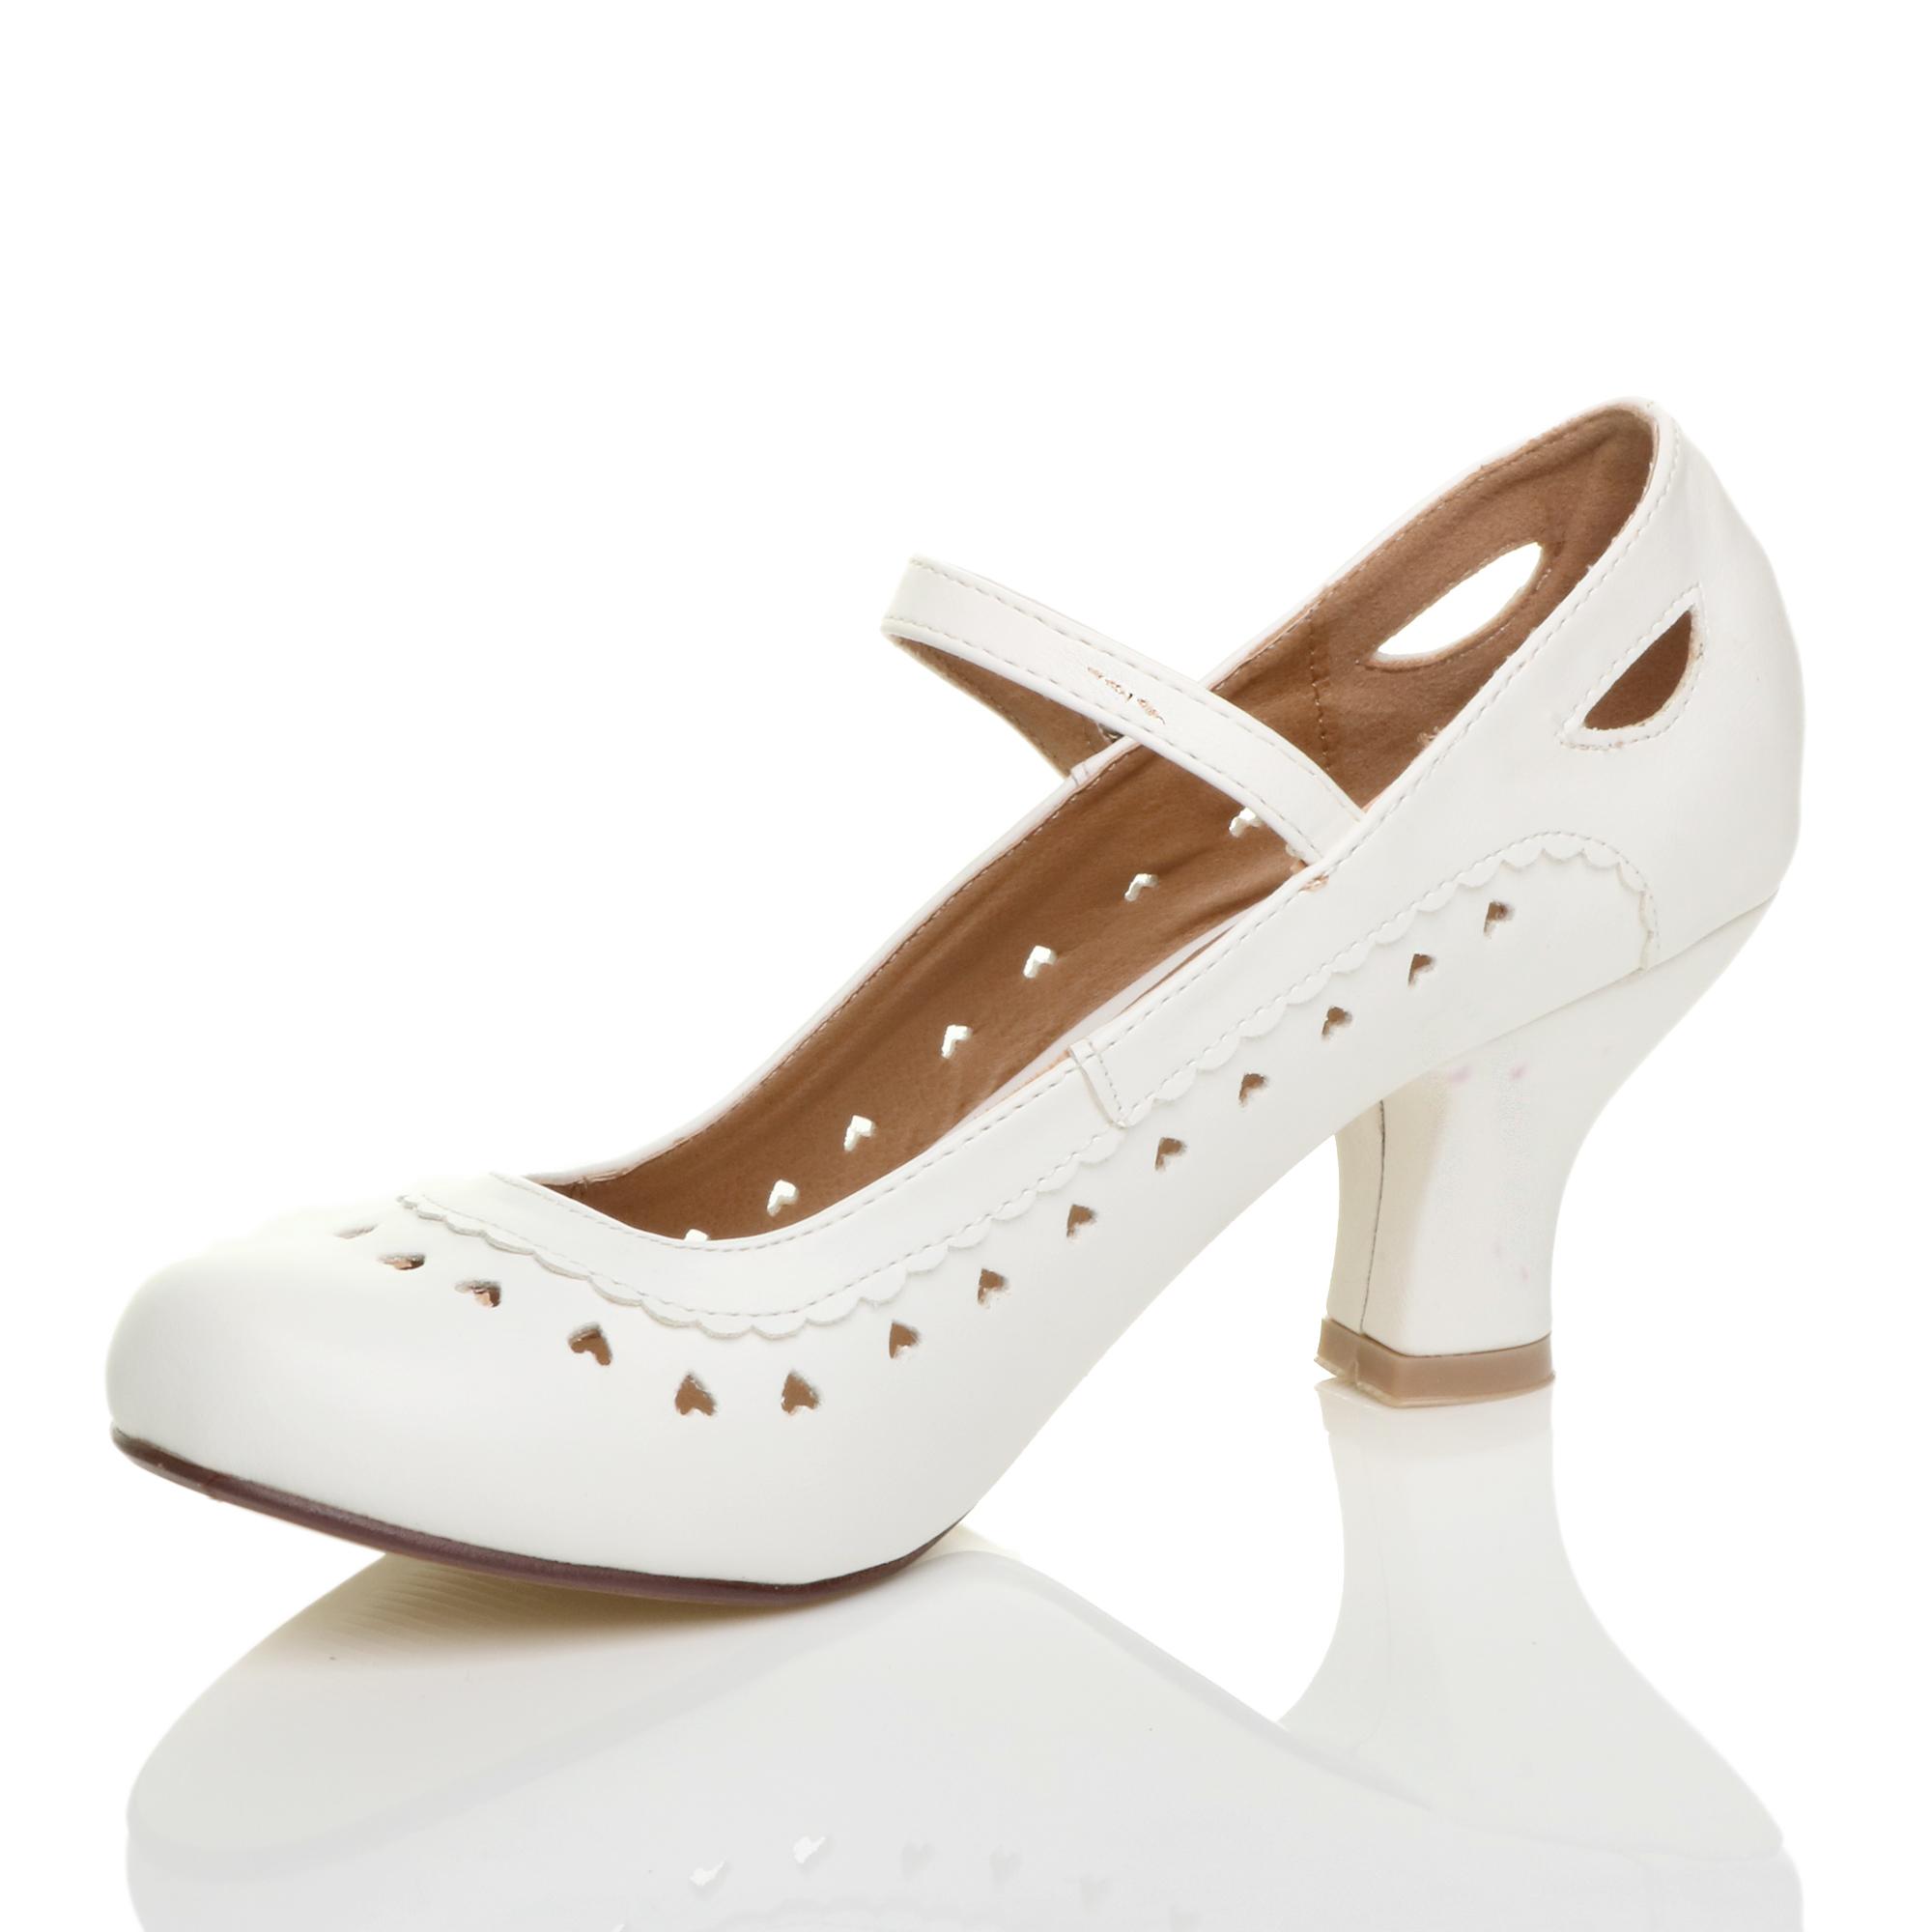 miniatura 23 - Da Donna con Tacco Basso Cinturino Alla Caviglia Mary Jane Stile Scarpe Eleganti Lavoro Pompe Dimensione